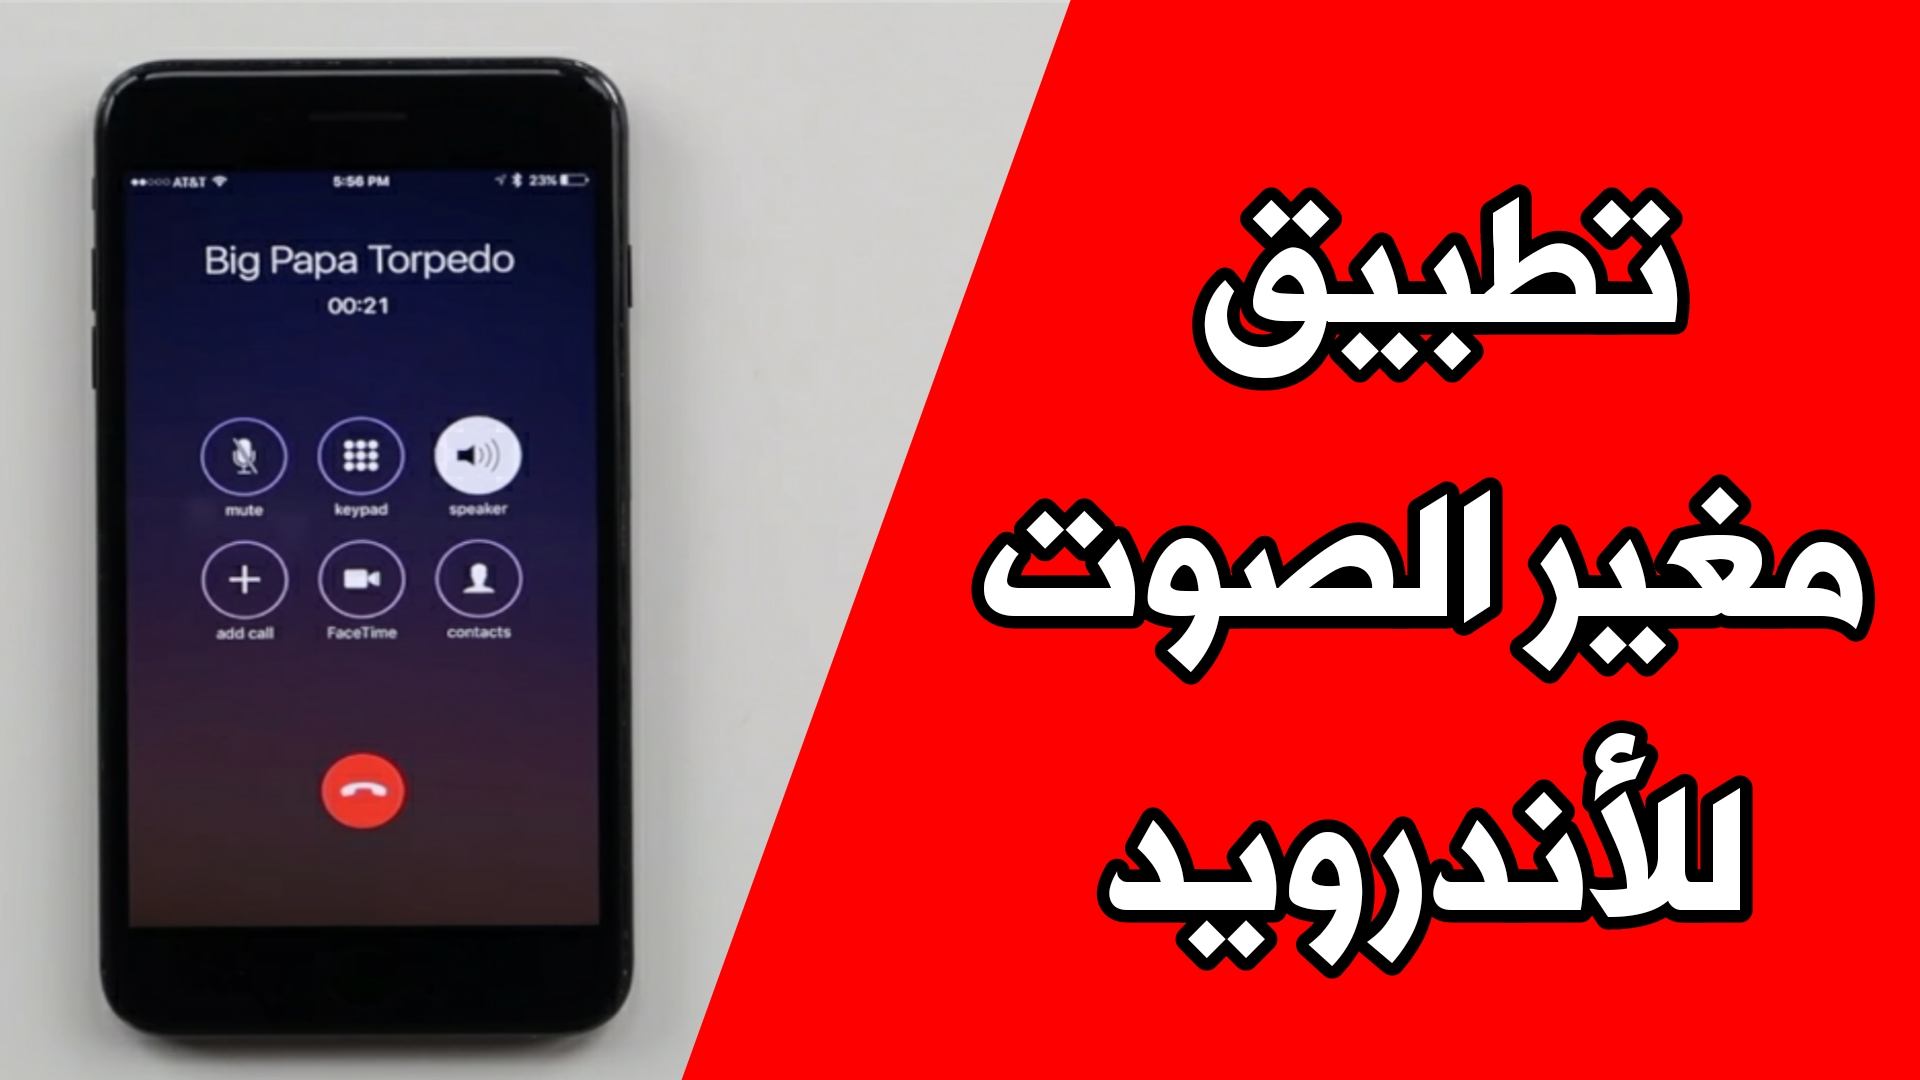 تطبيق مغير الصوت لهواتف الاندرويد غير صوتك وأخدع أصدقائك